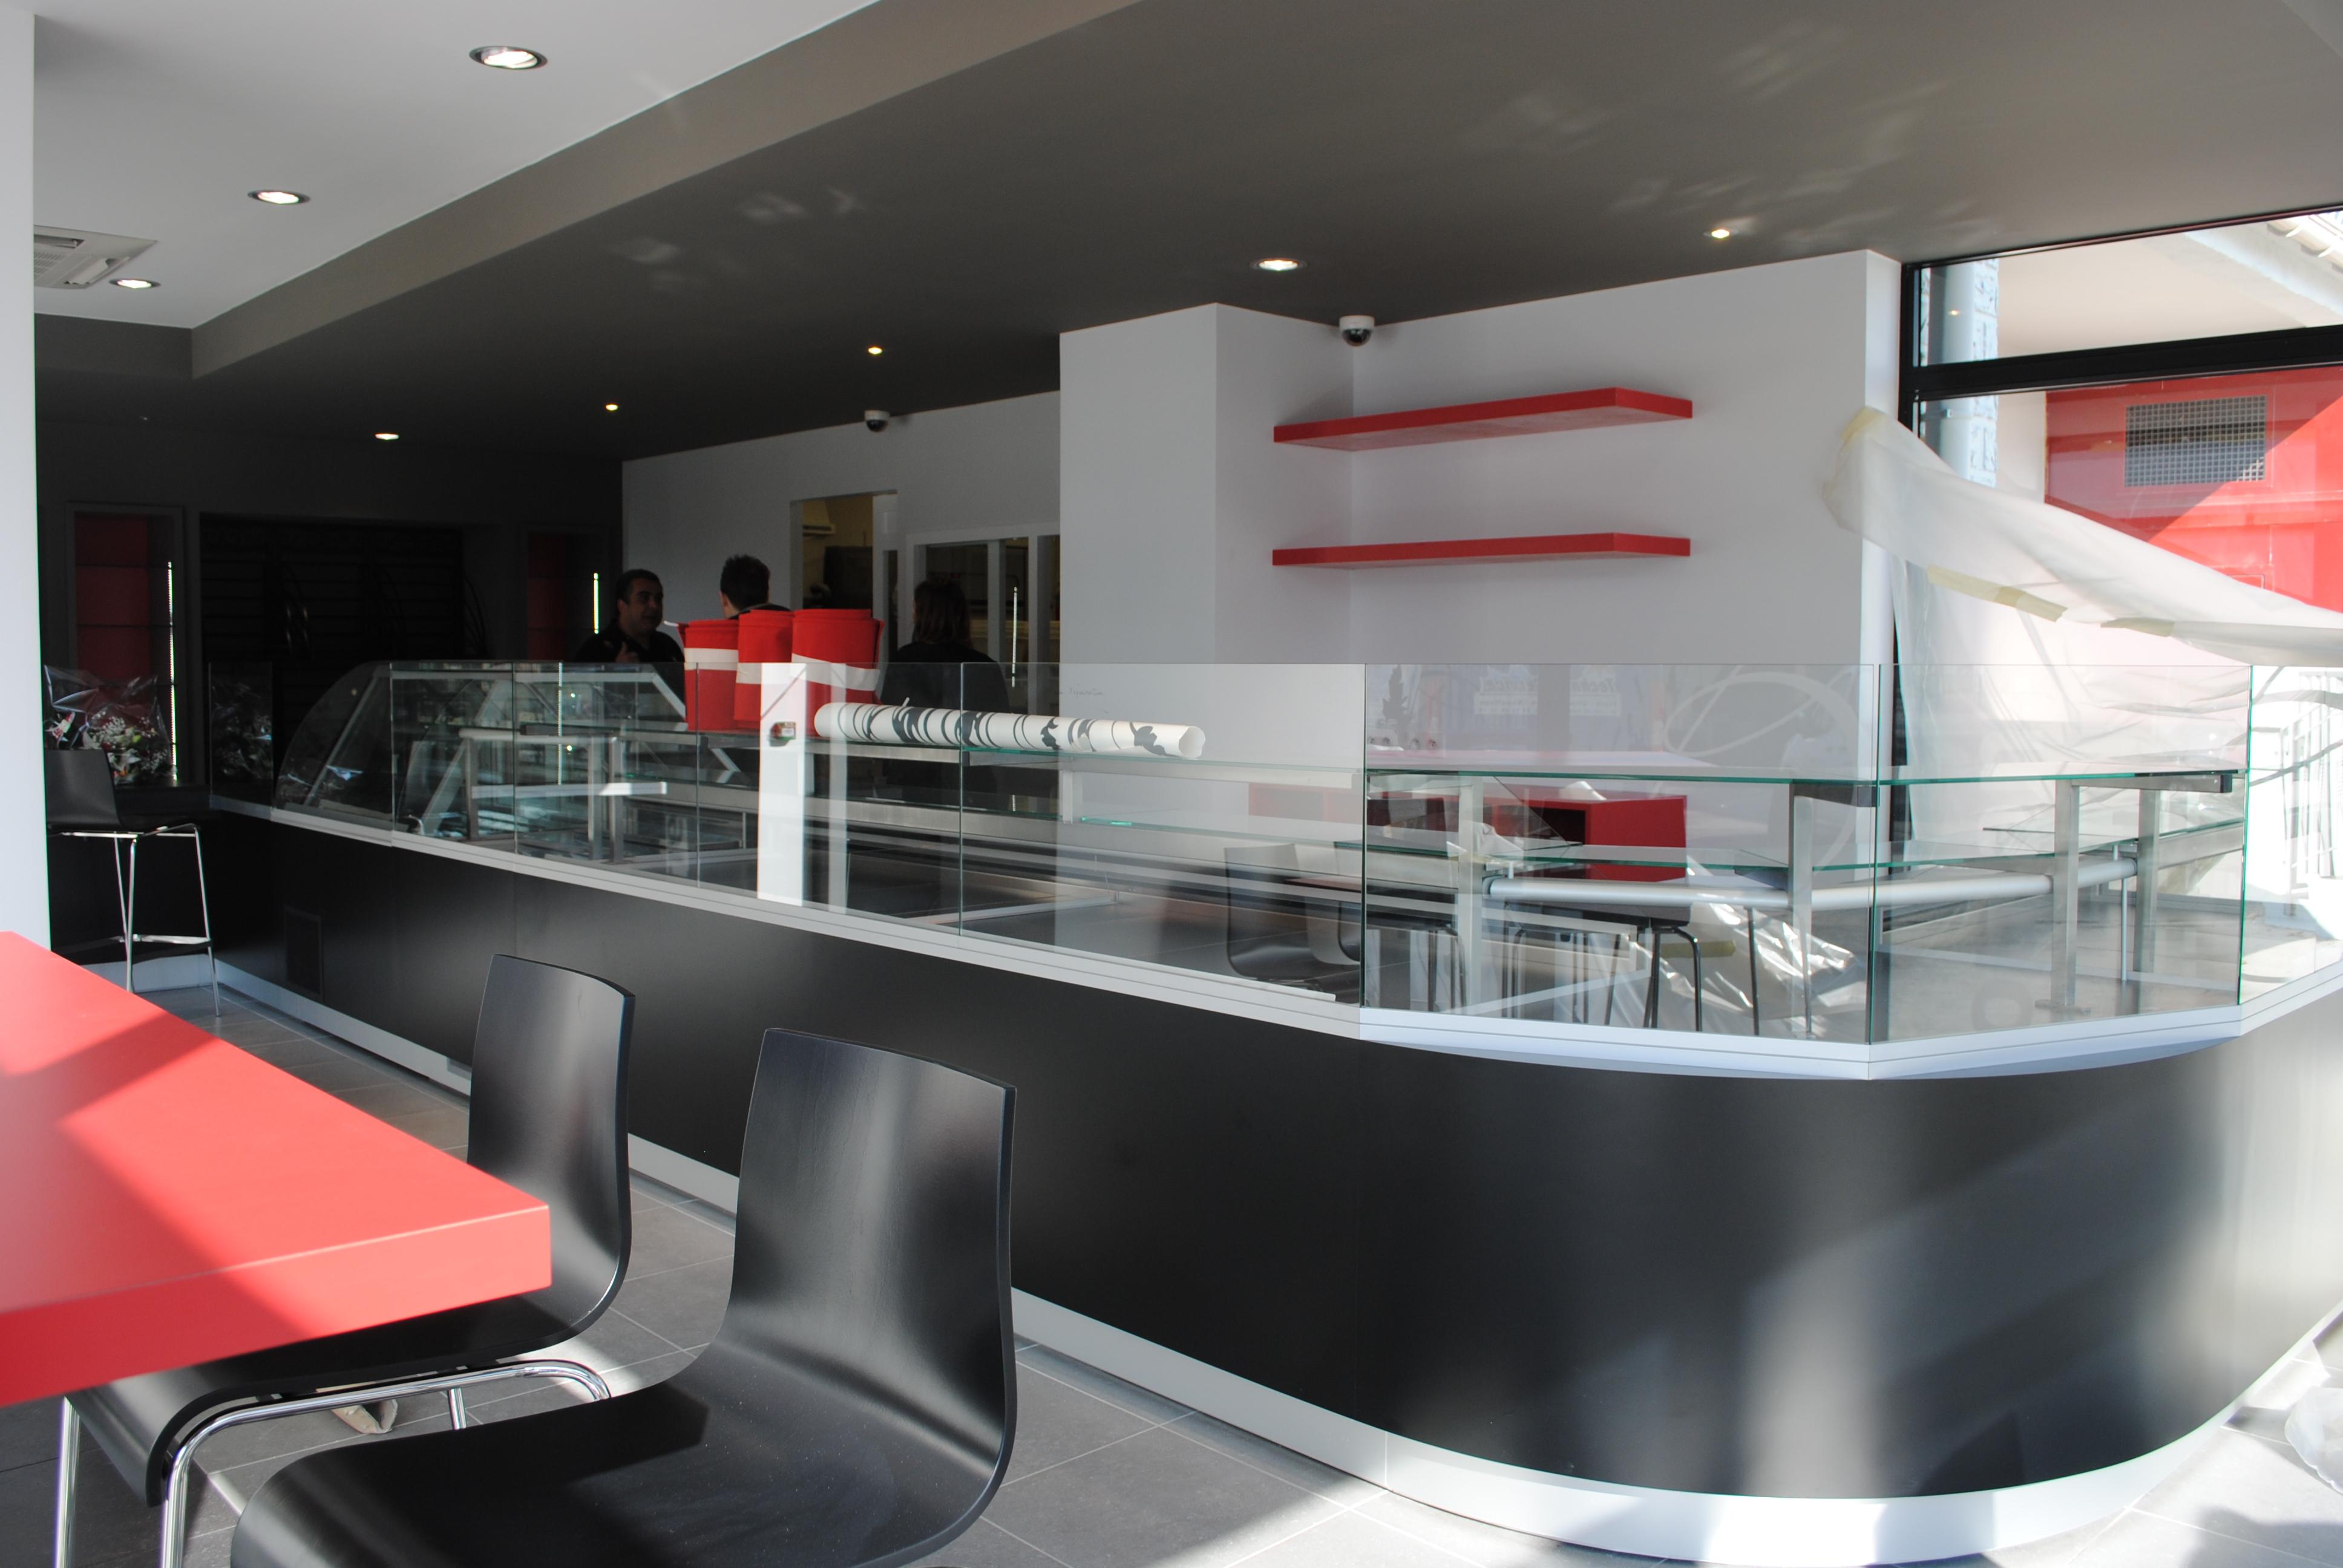 Interieur D Un Bar rénovation espace bar restauration intérieure : devis sur